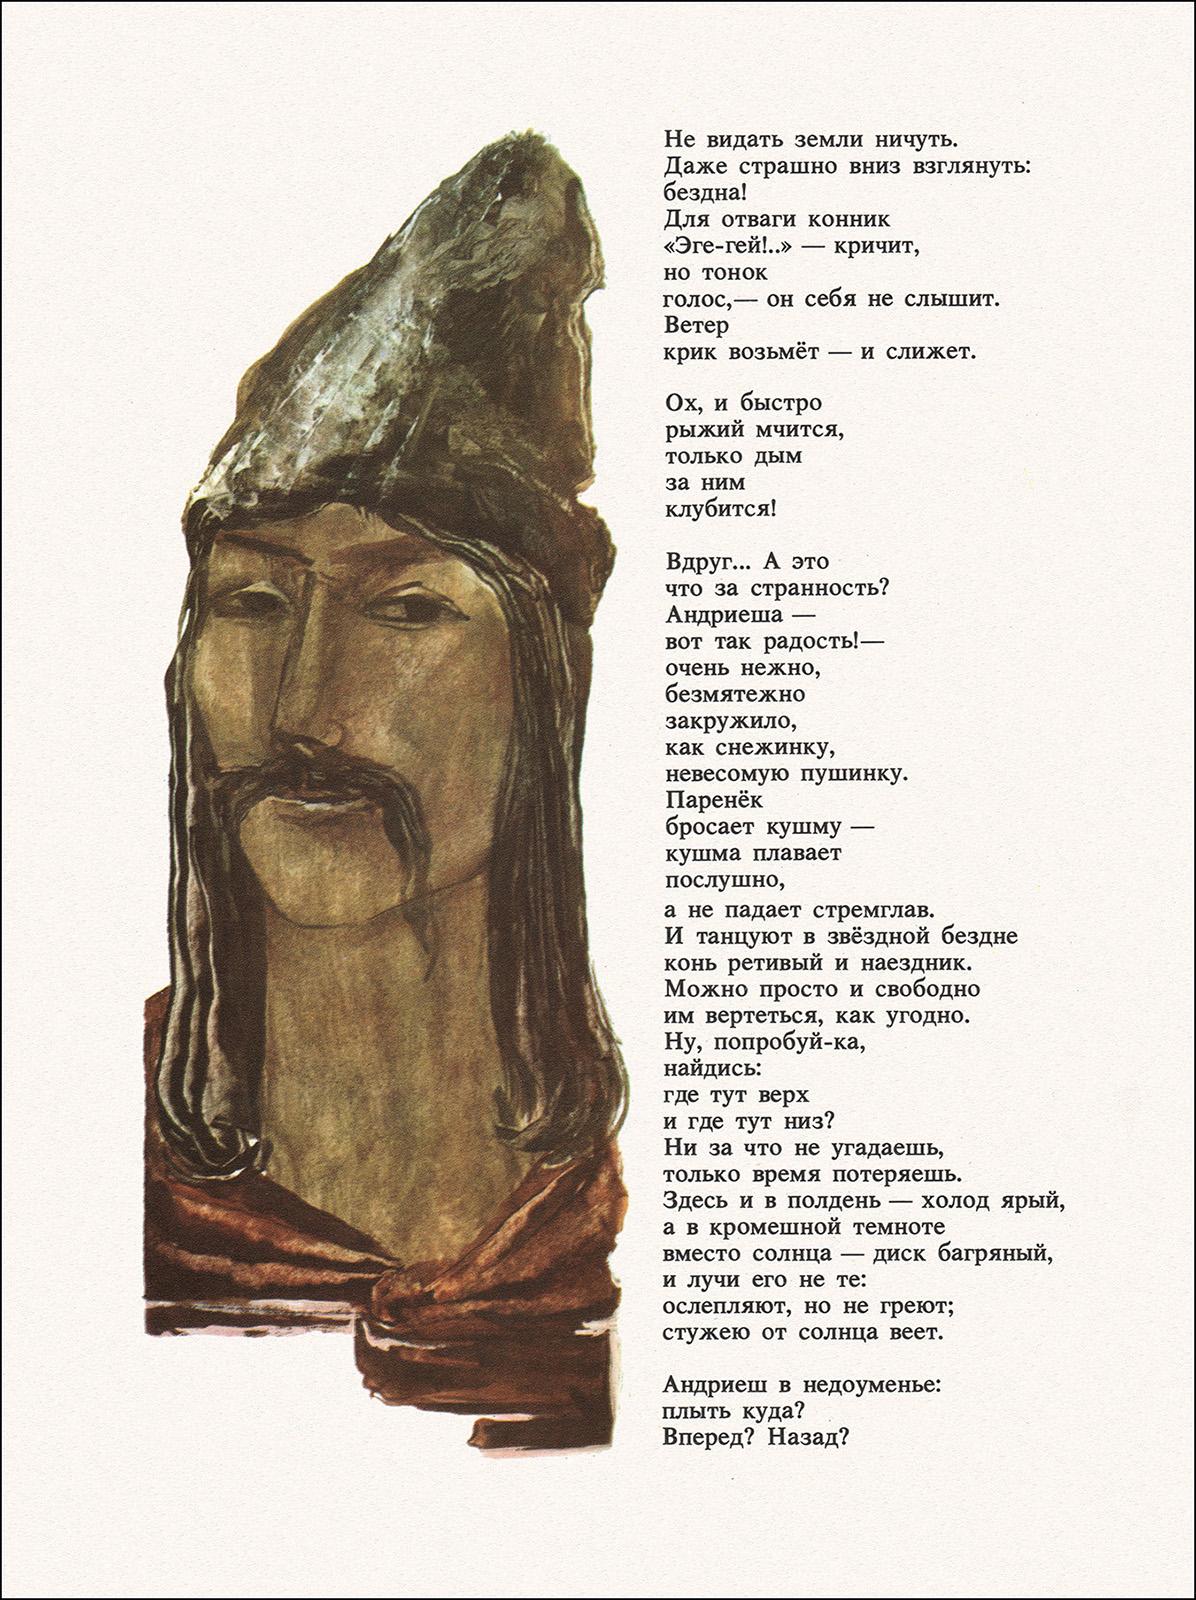 Павел Обух, Андриеш